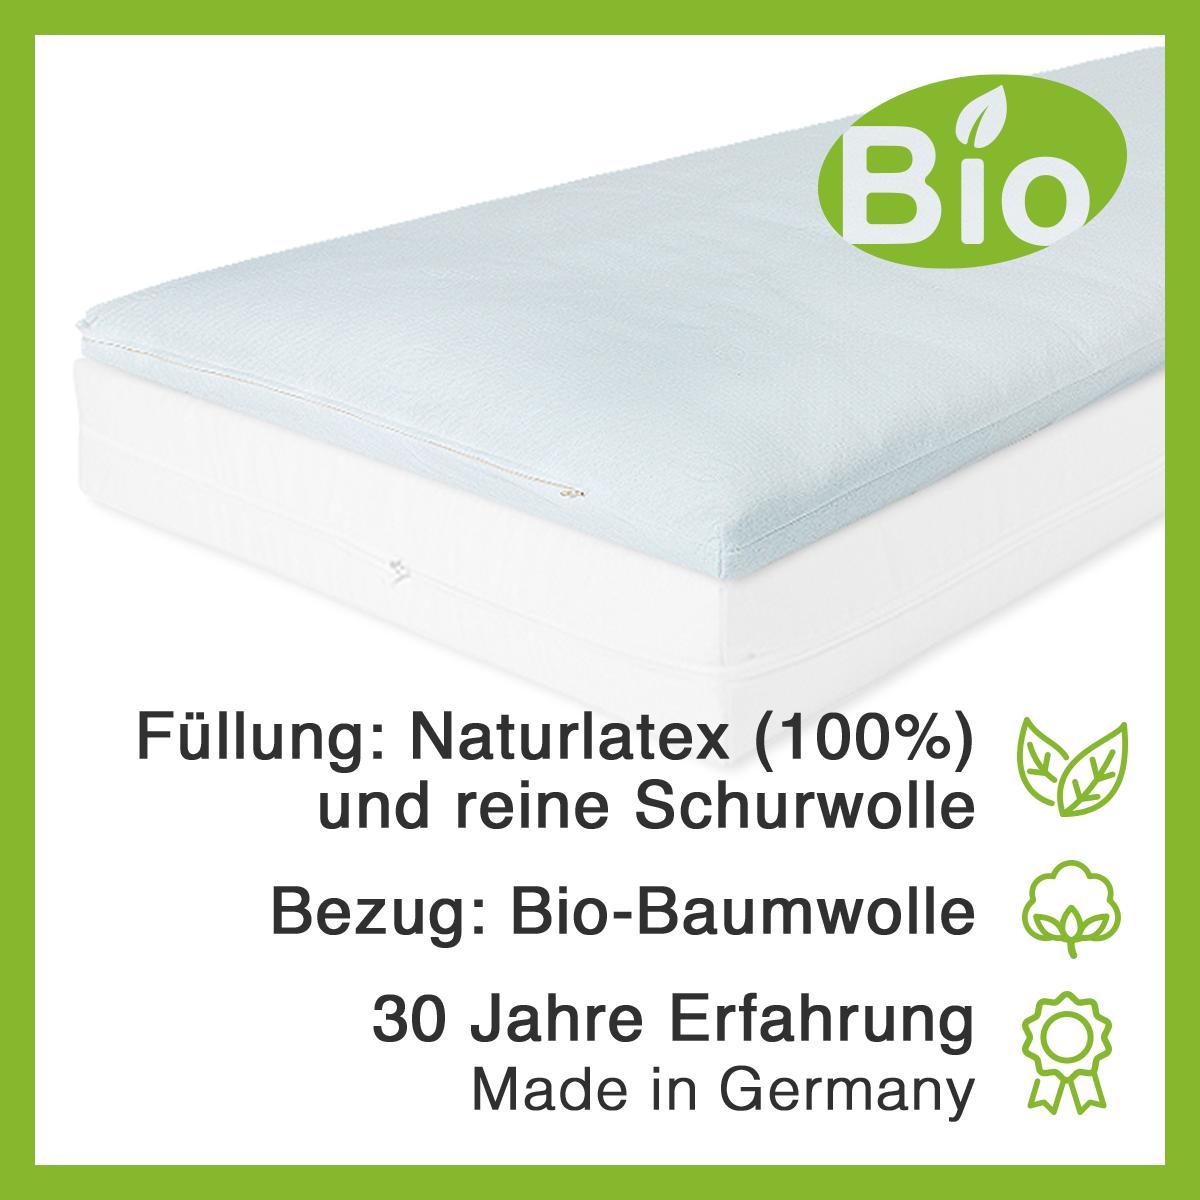 Matratzenauflage, Topper aus 100% Naturlatex, Bezug aus Bio-Baumwolle (GOTS)